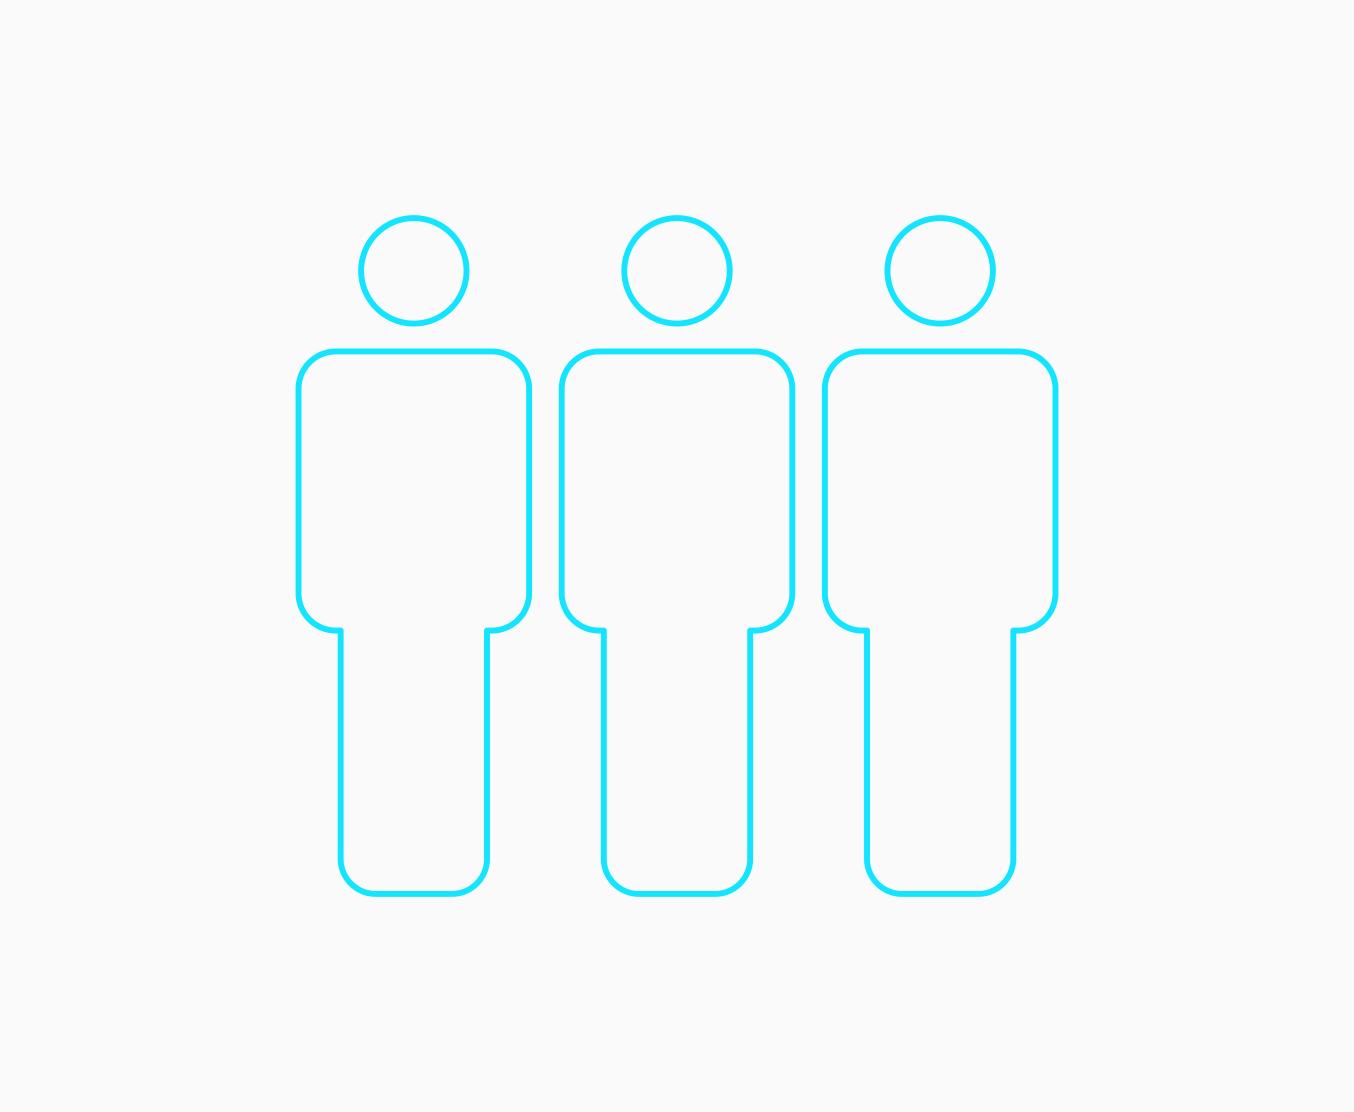 público do curso para agências de design